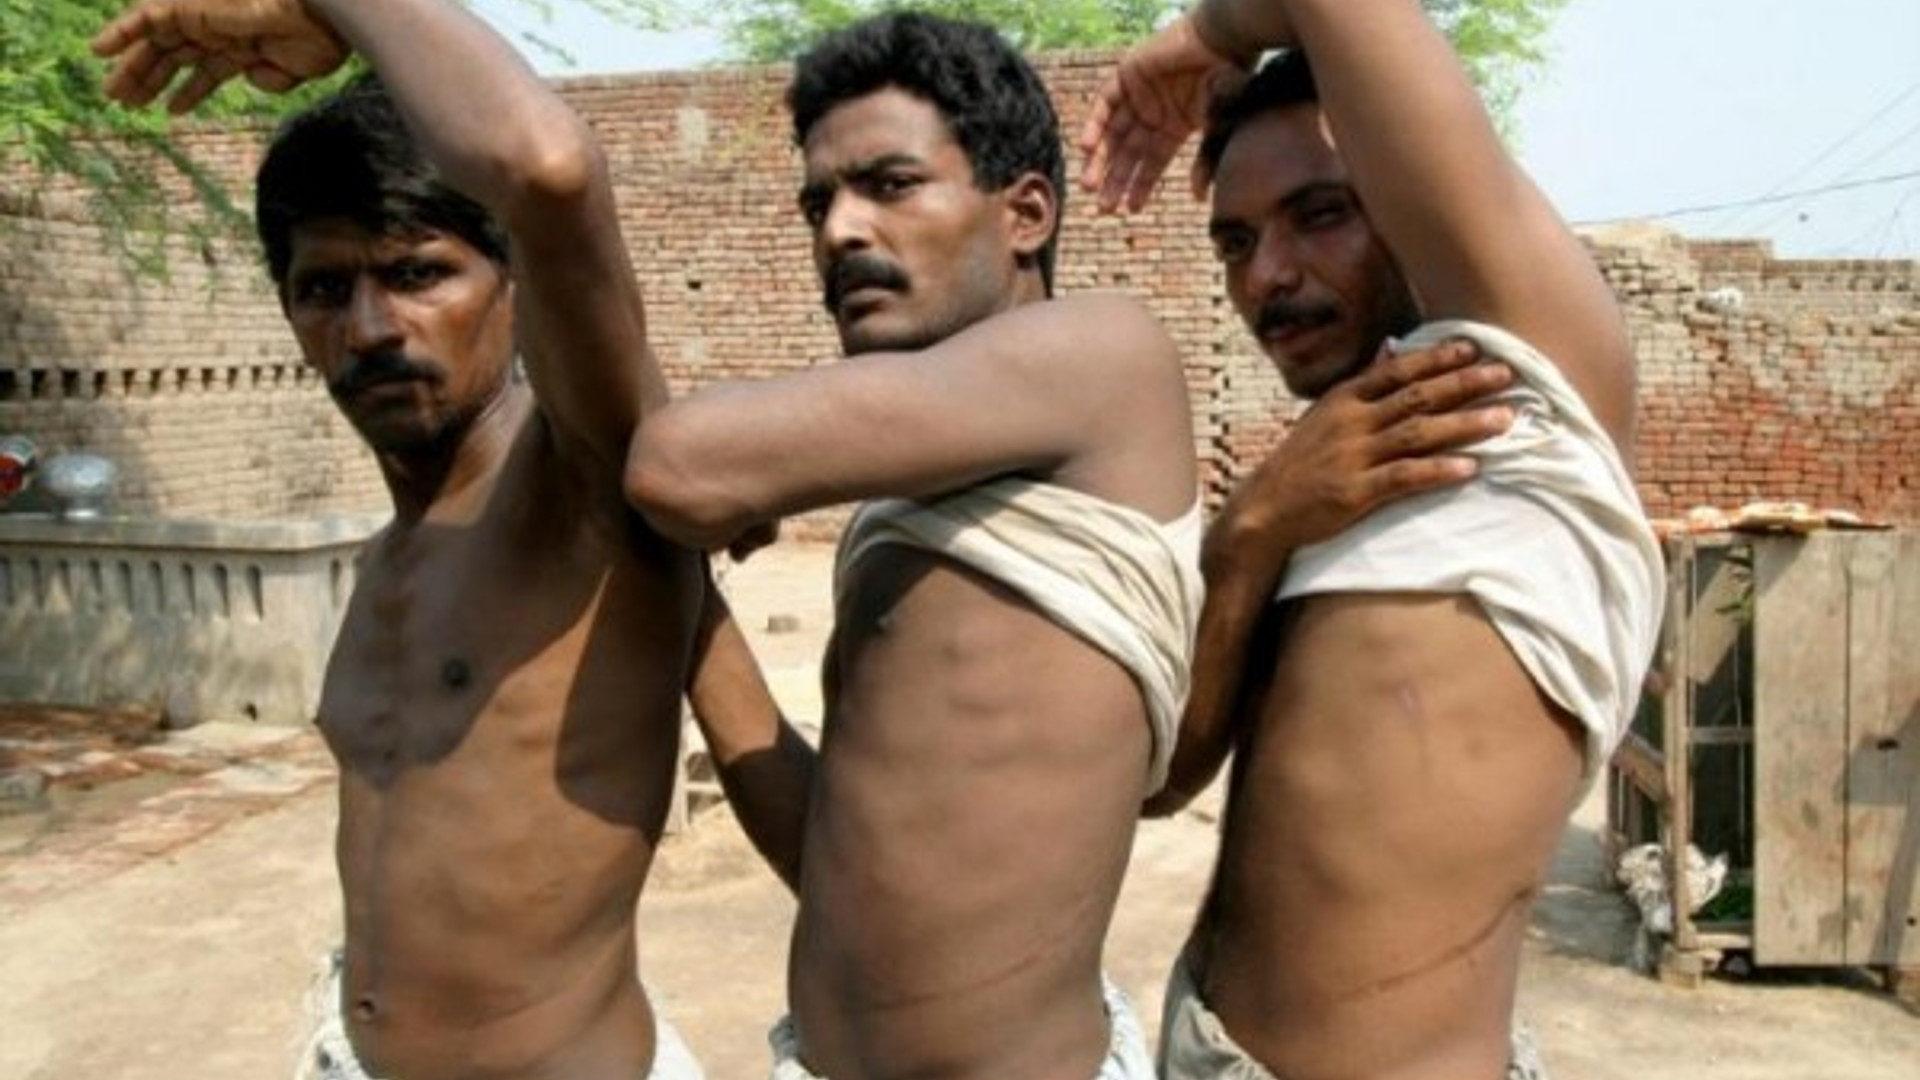 Sito di incontri gay a Kolkata